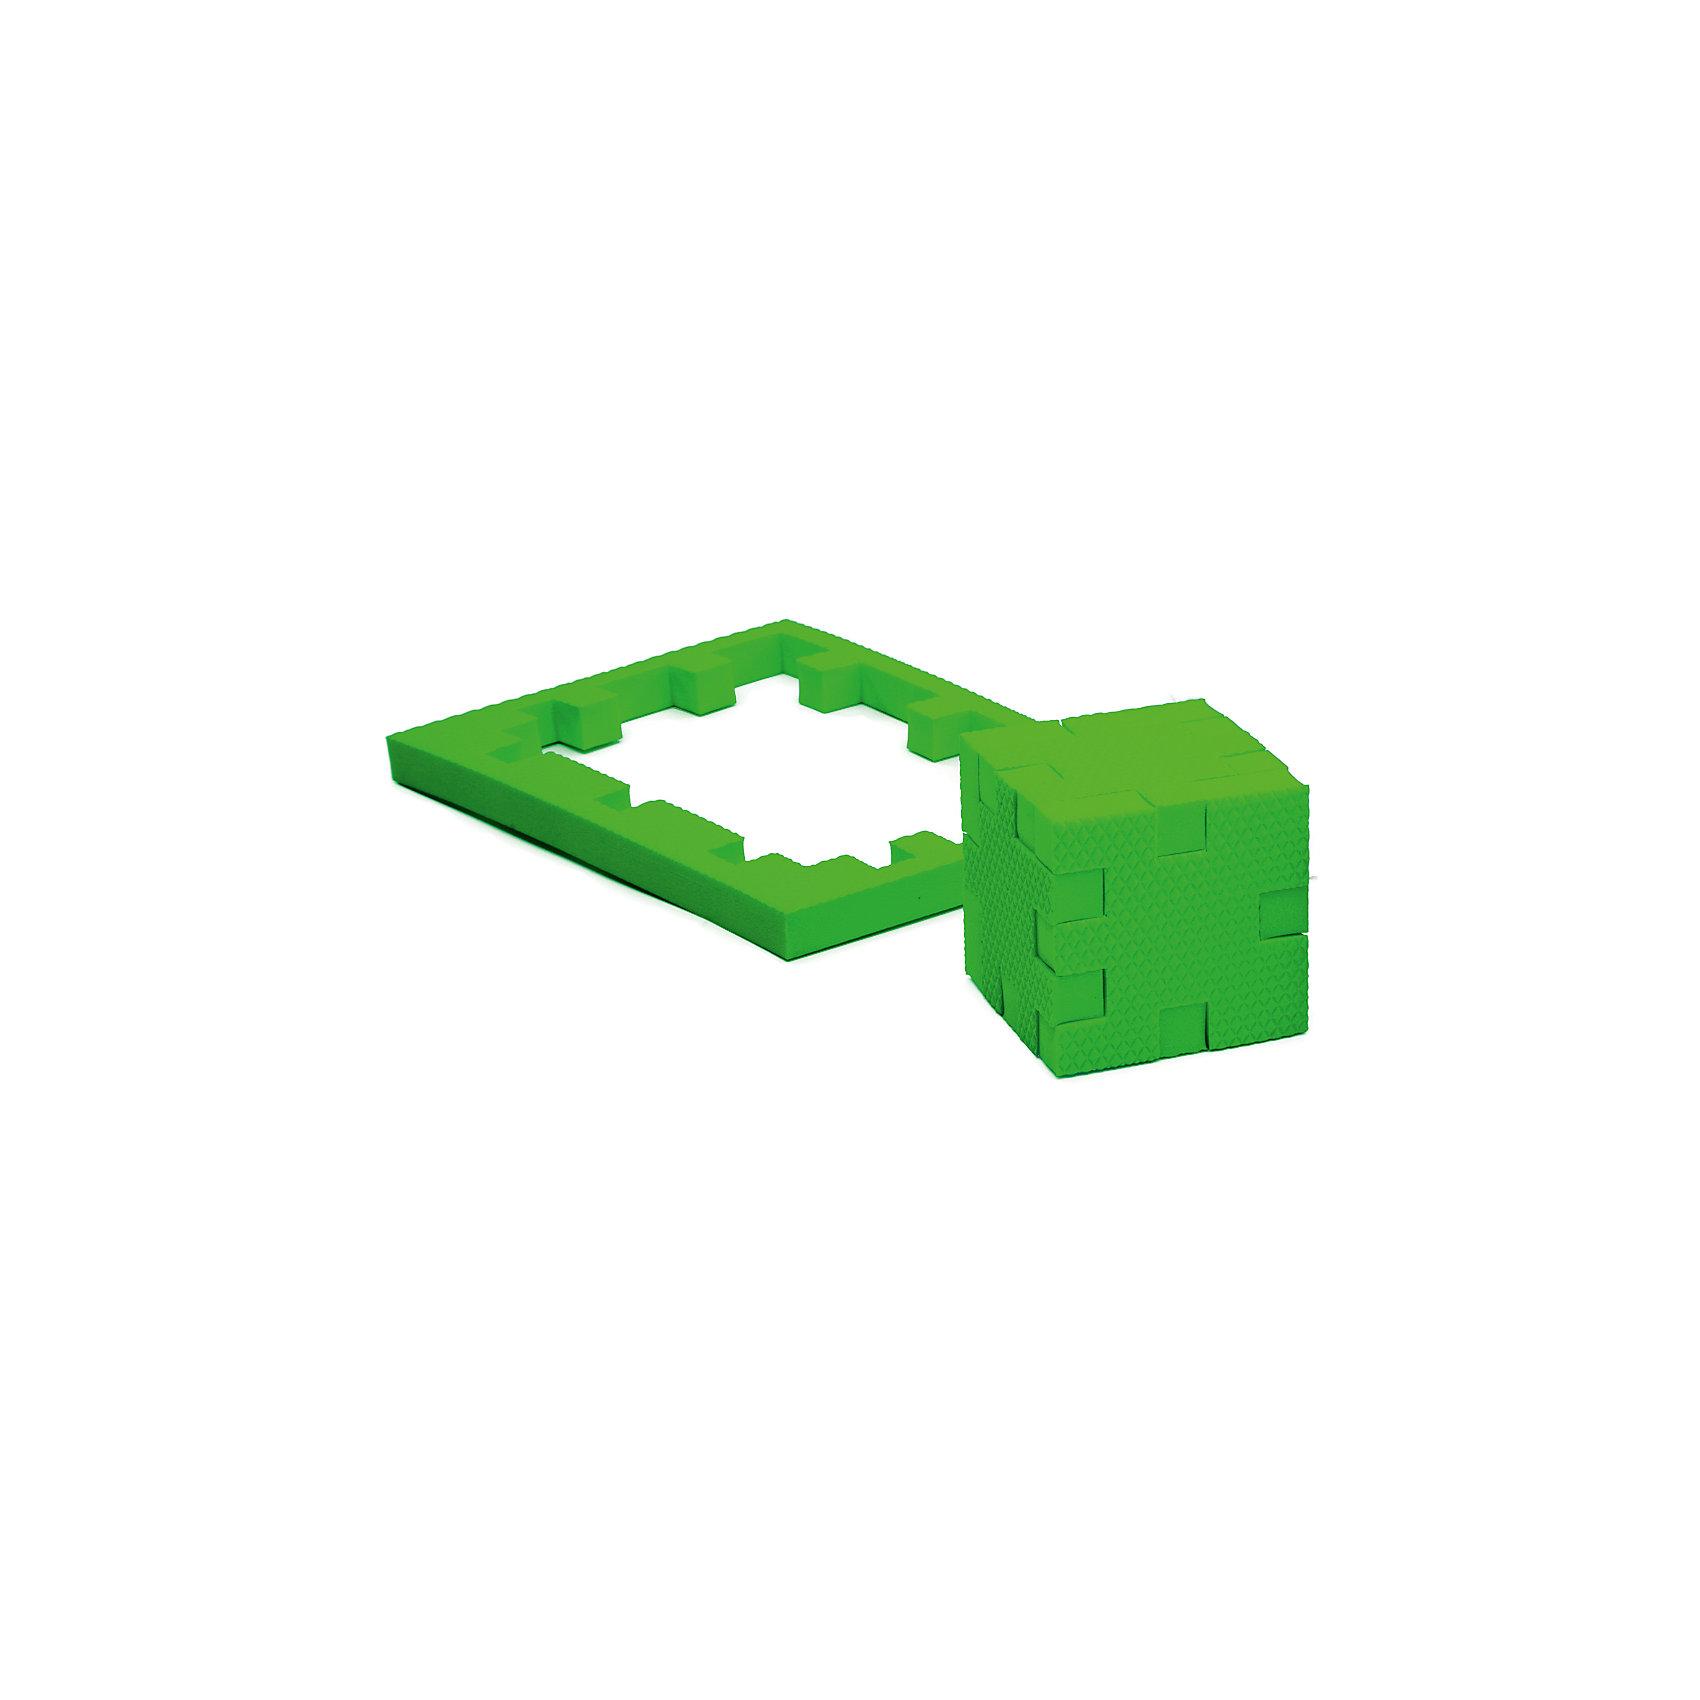 Пазл-конструктор Изумруд, PicnMixИгры для дошкольников<br>Изумруд - уникальный пазл-конструктор из серии Кубикформ от PicnMix, который поможет развить логику, мелкую моторику и пространственное восприятие. Ребенок сможет собрать пазл, кубик и различные геометрические фигуры. Для начала можно следовать инструкции, а узнав, как устроен чудо-пазл, придумать свои собственные творения. Кроме того, с конструктором Изумруд можно смело играть в воде. <br>Пазл-конструктор Изумруд - замечательный подарок для юных строителей!<br><br>Дополнительная информация:<br>Цвет: зеленый<br>Материал: ЭВА(вспененный полимер)<br>Размер упаковки: 21,5х1,5х15,5 см<br>Вес: 45 грамм<br><br>Пазл-конструктор Изумруд от PicnMix можно приобрести в нашем интернет-магазине.<br><br>Ширина мм: 215<br>Глубина мм: 15<br>Высота мм: 160<br>Вес г: 50<br>Возраст от месяцев: 36<br>Возраст до месяцев: 60<br>Пол: Унисекс<br>Возраст: Детский<br>SKU: 5008786